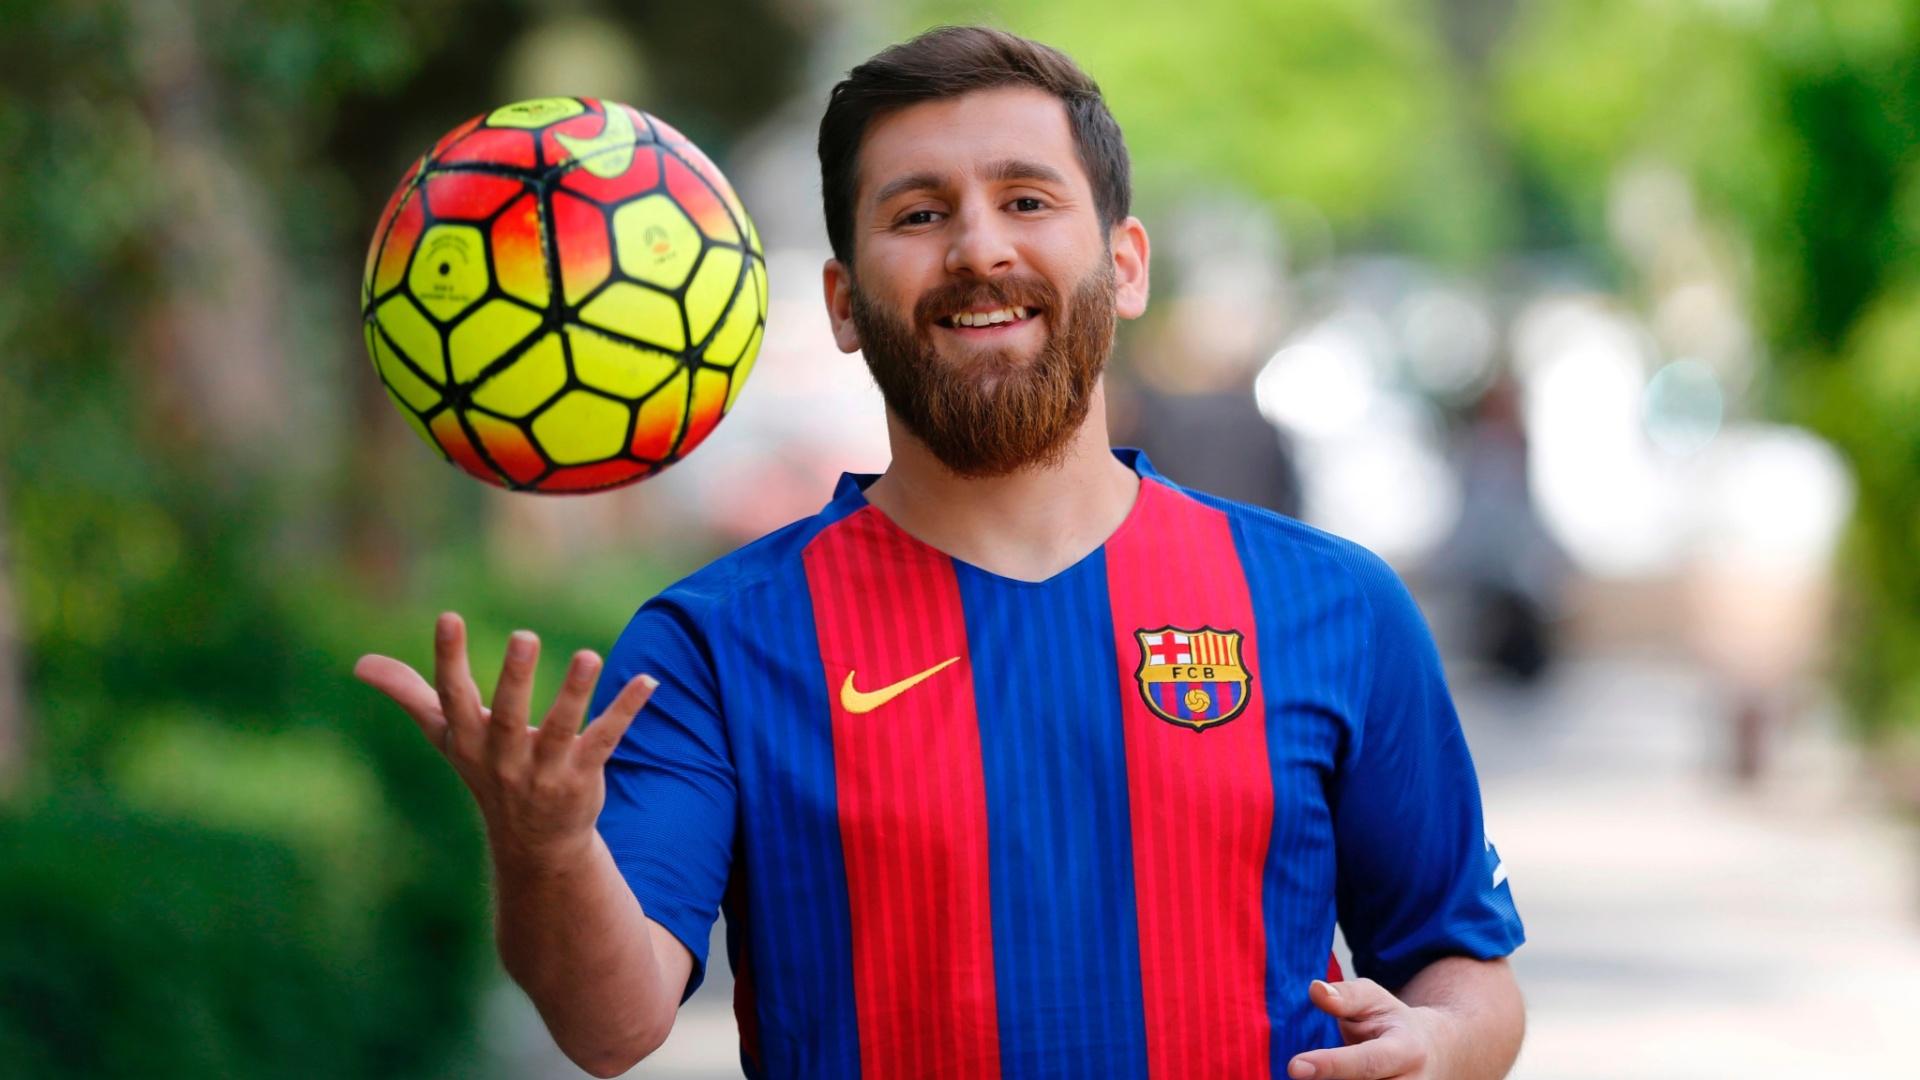 Em Teerã, Reza Parastesh sósia de Lionel Messi posa para uma foto em uma rua